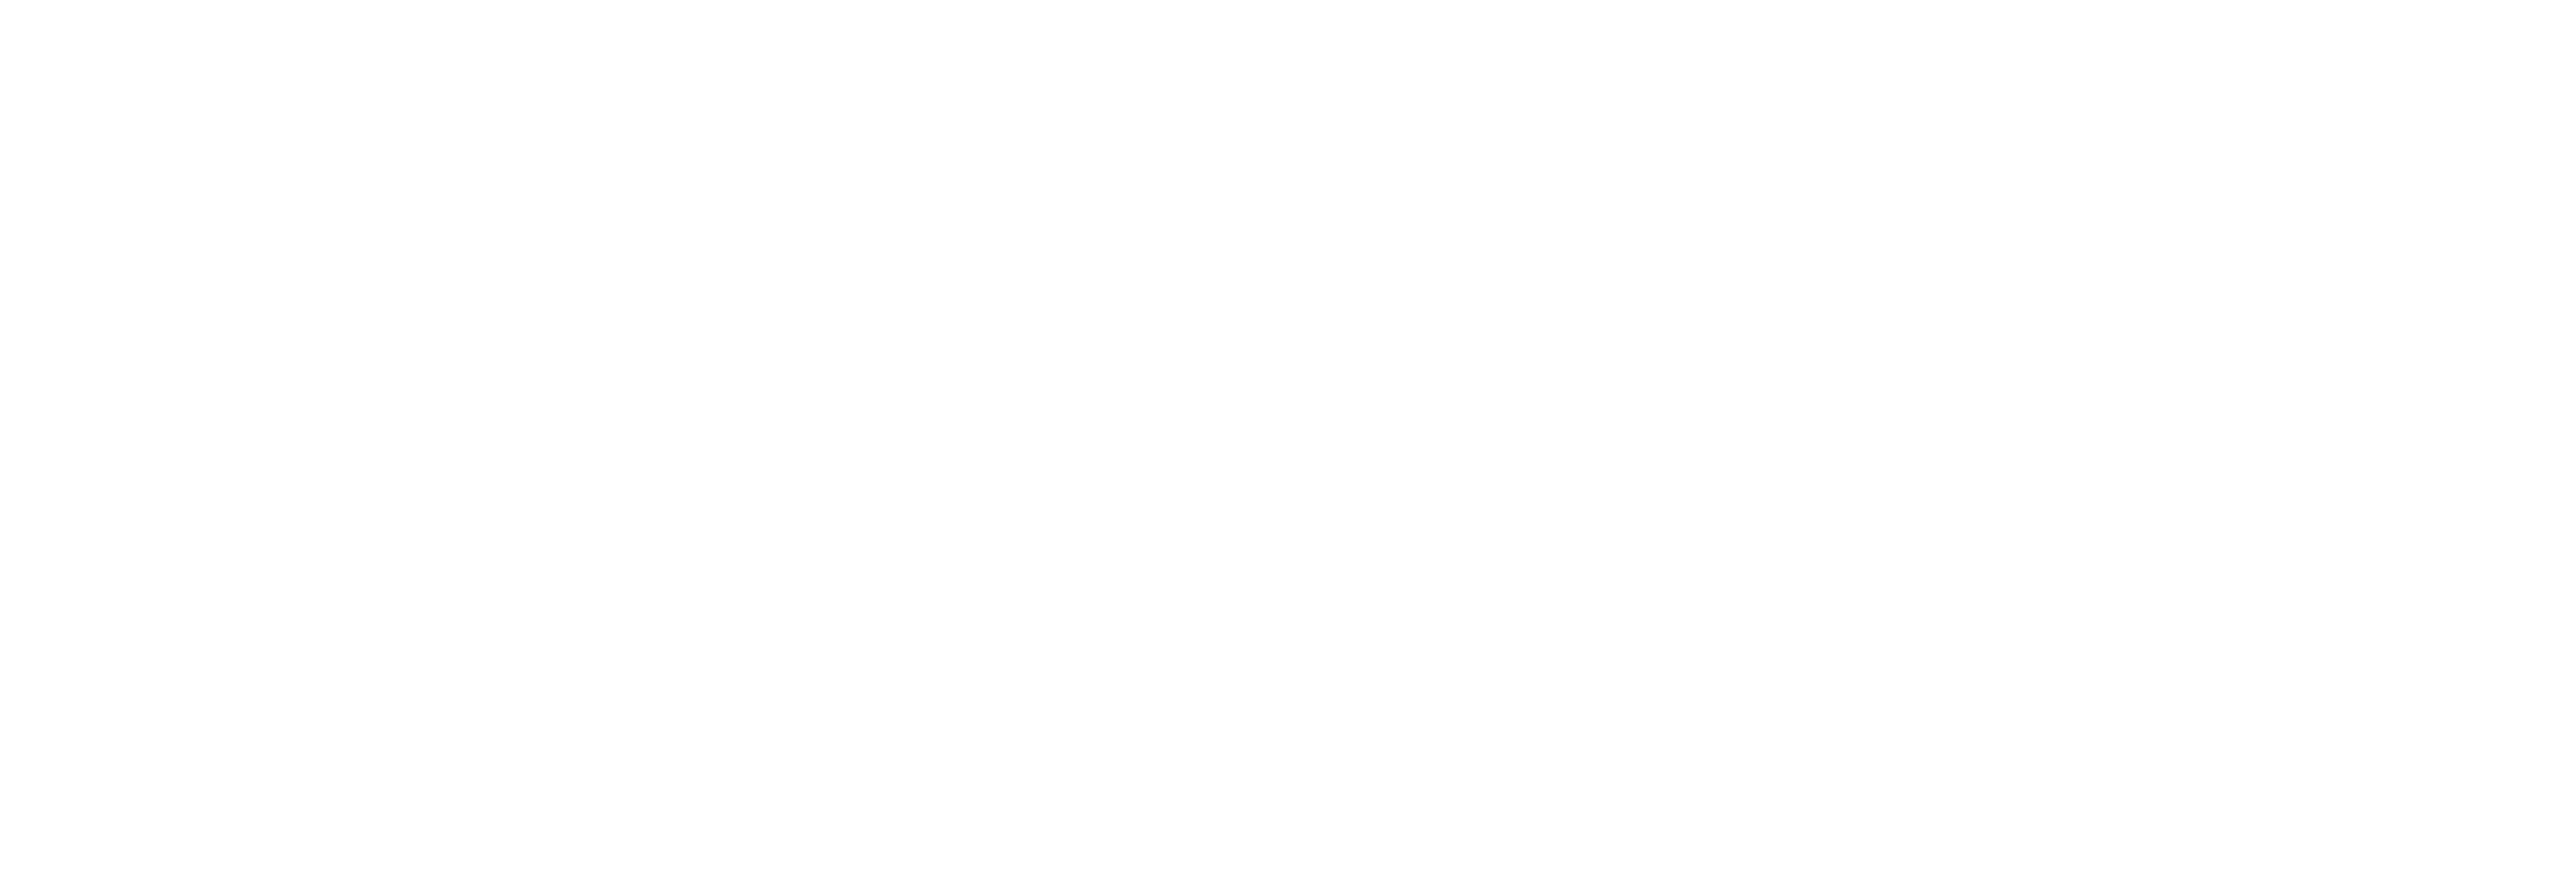 Logo Mahle Monochrome